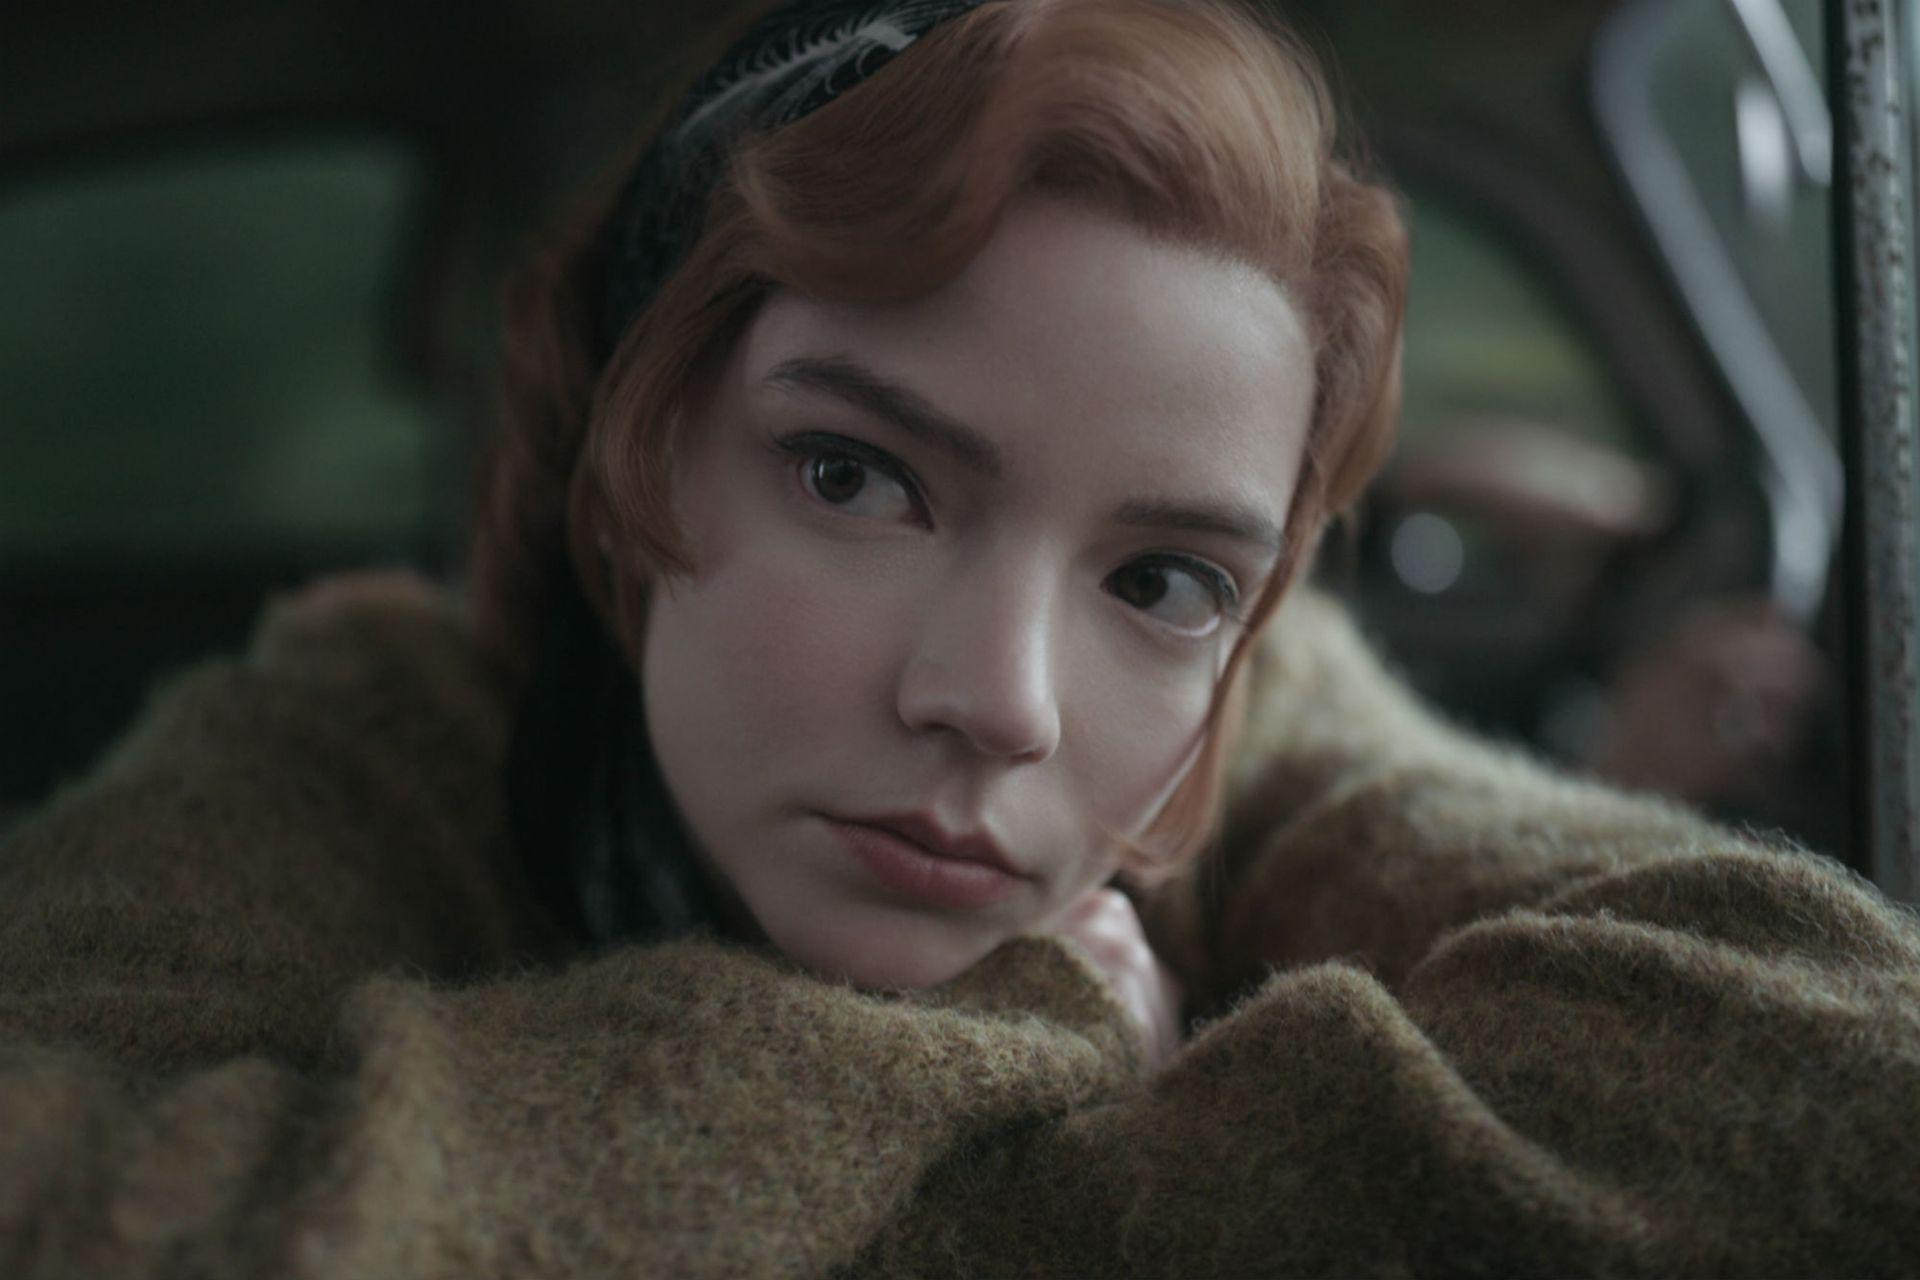 La actriz interpreta a Beth Harmon, una joven prodigio del ajedrez